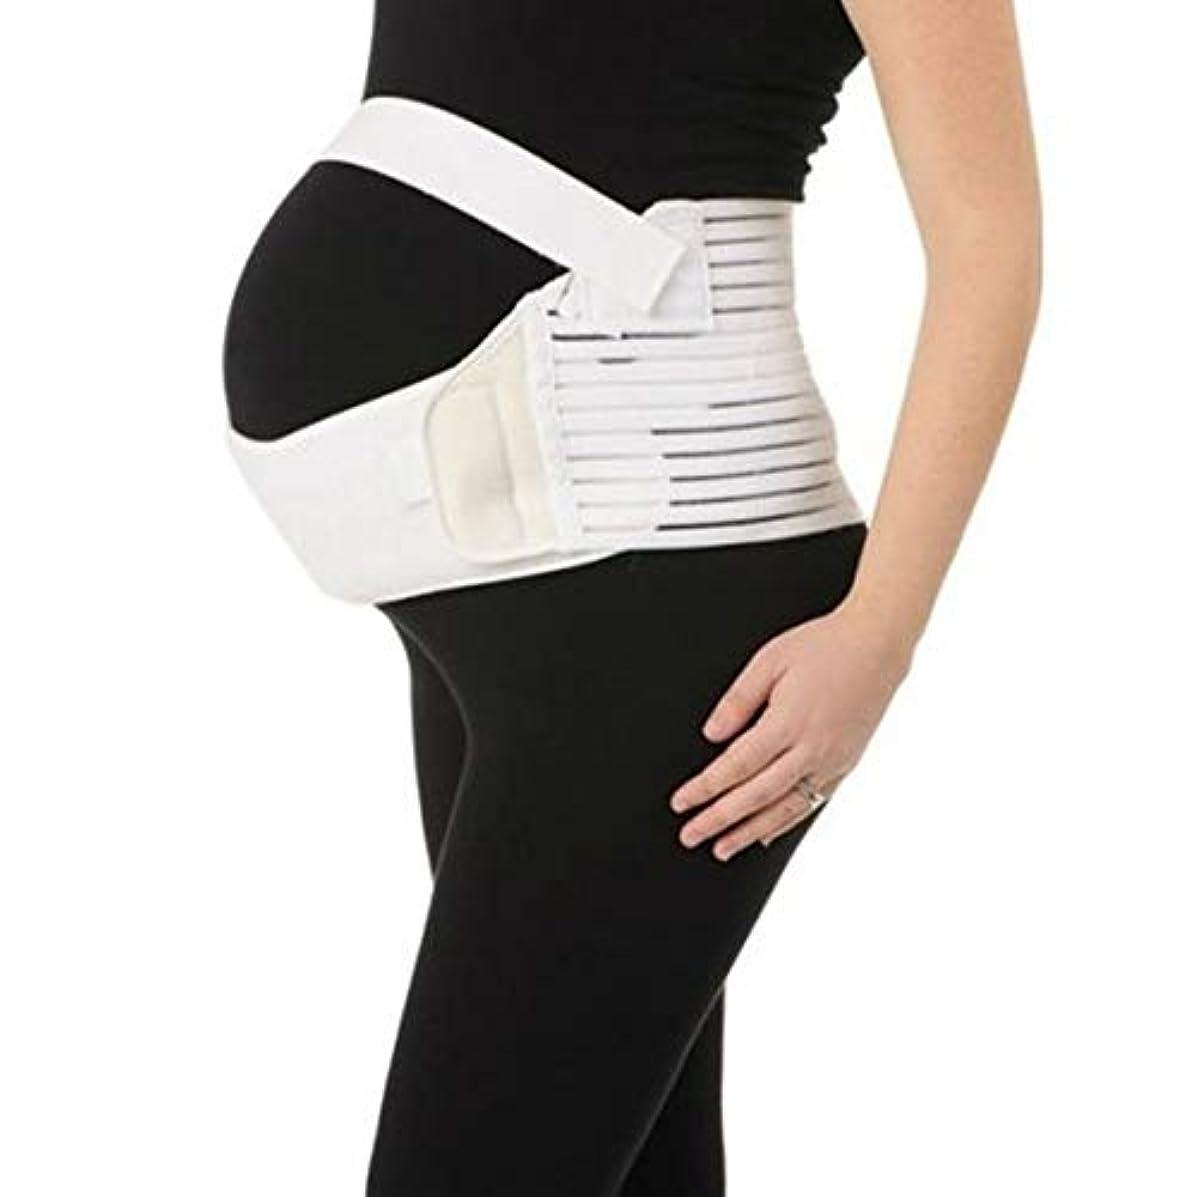 カテナドラッグセラフ通気性マタニティベルト妊娠腹部サポート腹部バインダーガードル運動包帯産後回復形状ウェア - ホワイトXL